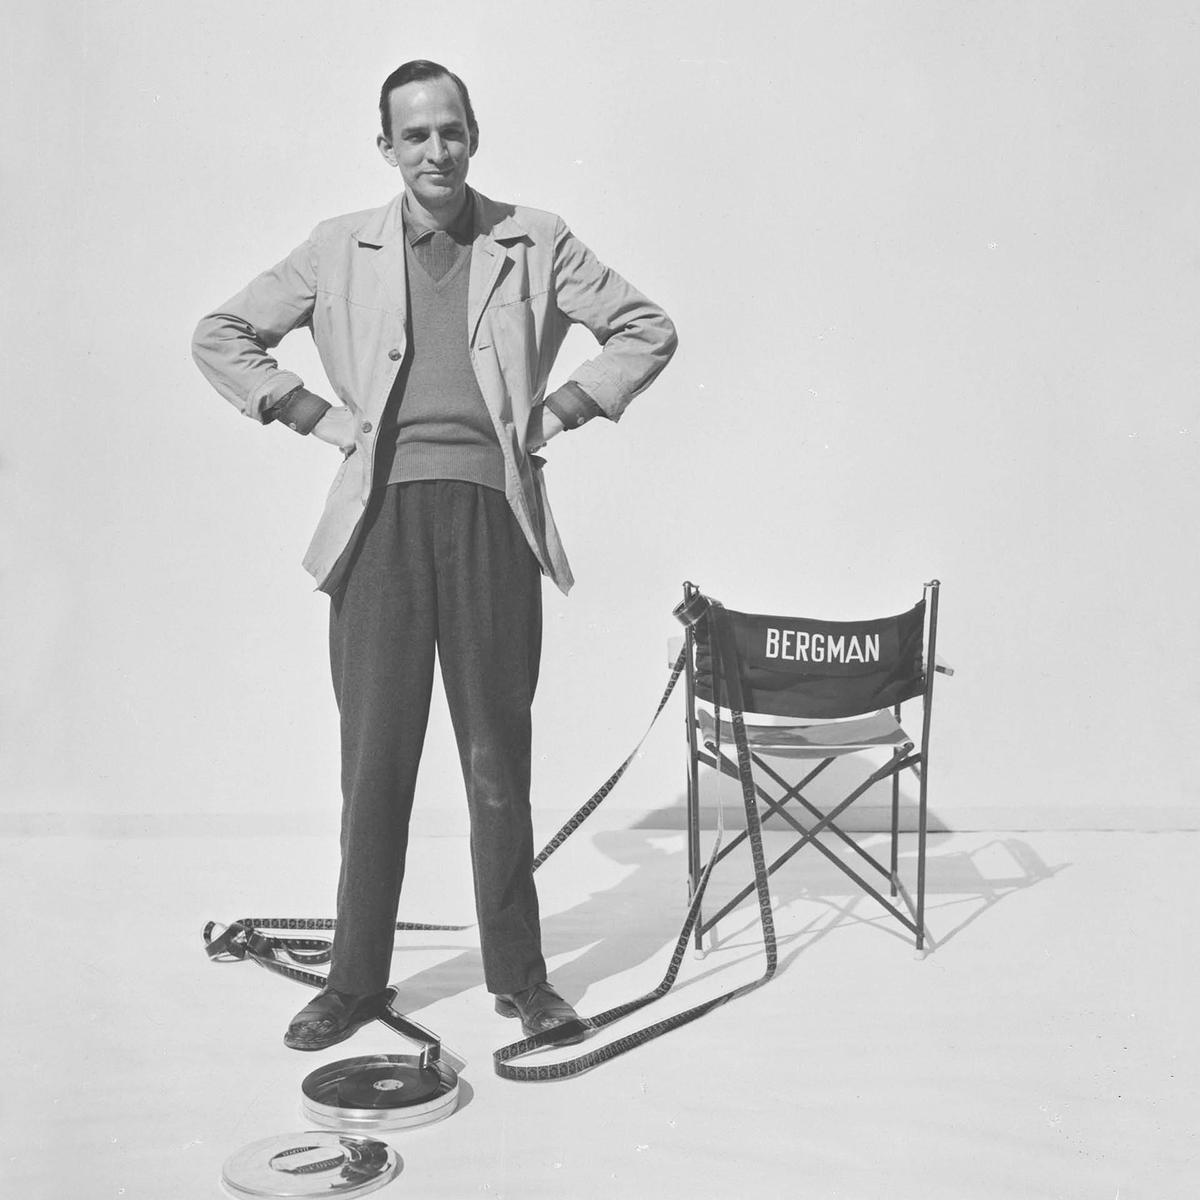 今年坎城影展首映的紀錄片《柏格曼:大師狂想》(Bergman:A Year in a Life),呈現這位電影巨擘在鏡頭之後的真實樣貌。(佳映娛樂)